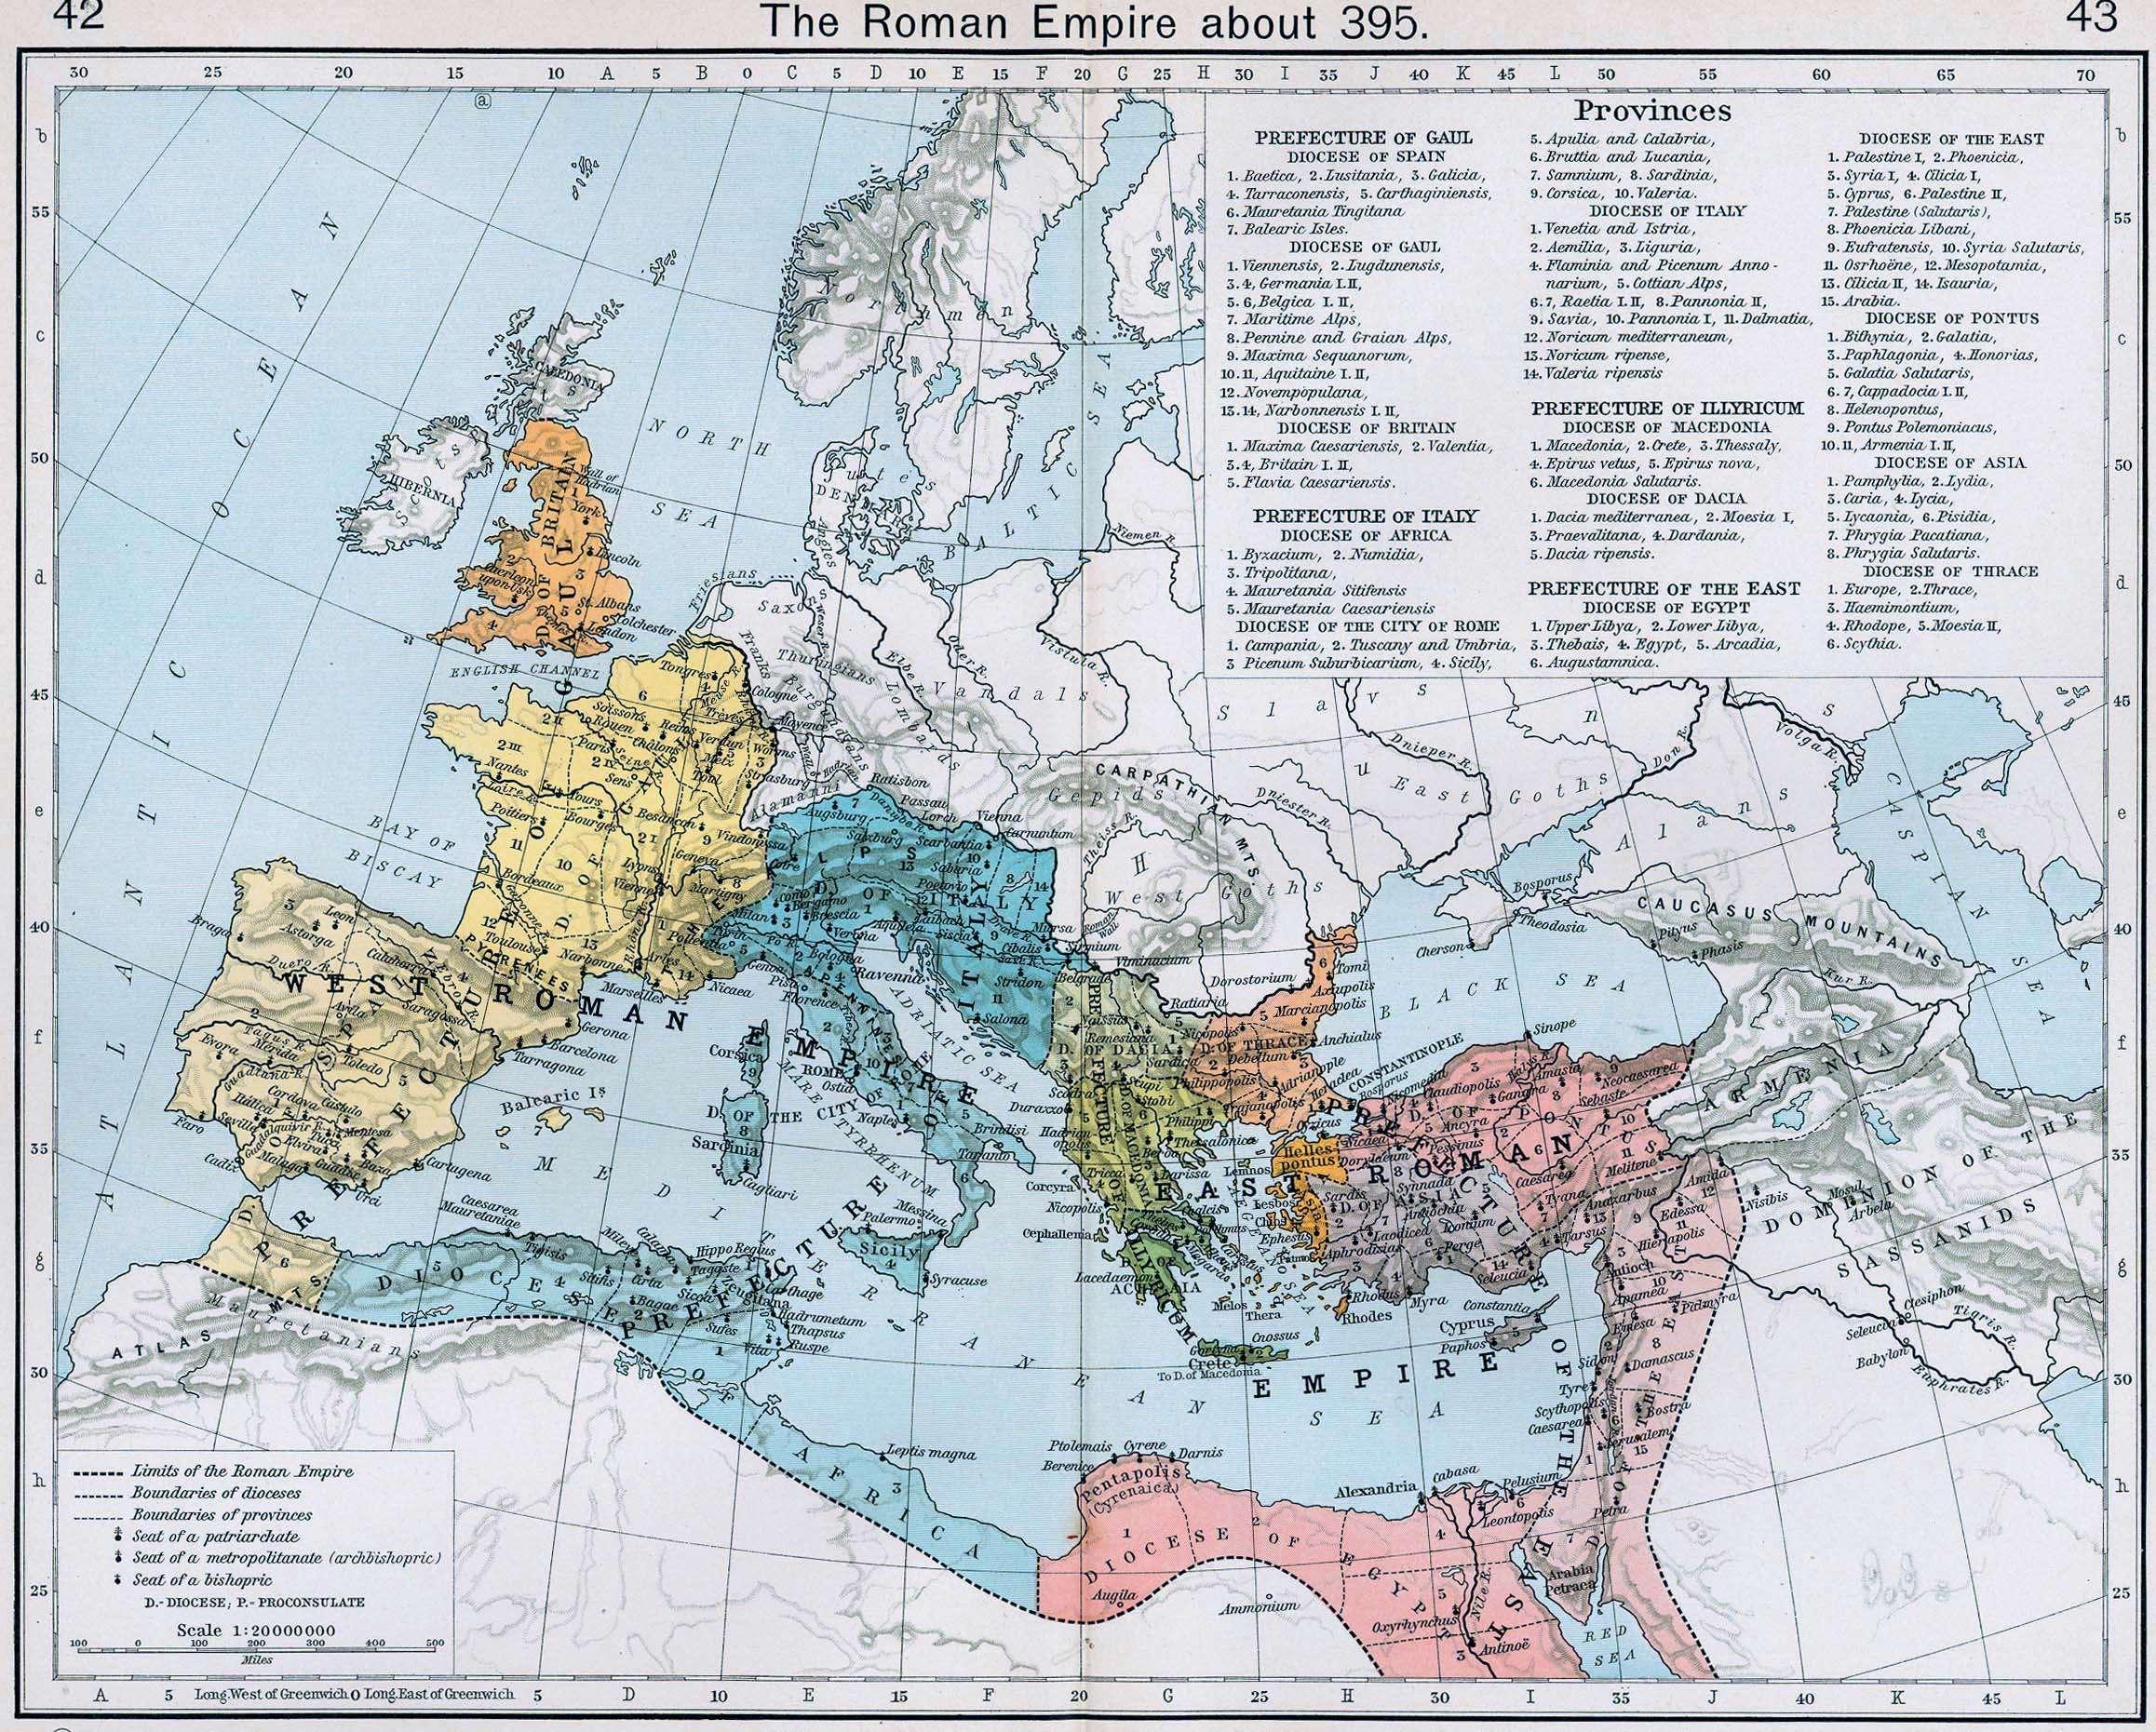 Οι διοικητικές διαιρέσεις της Ρωμαϊκής Αυτοκρατορίας το 395 μ.Χ.